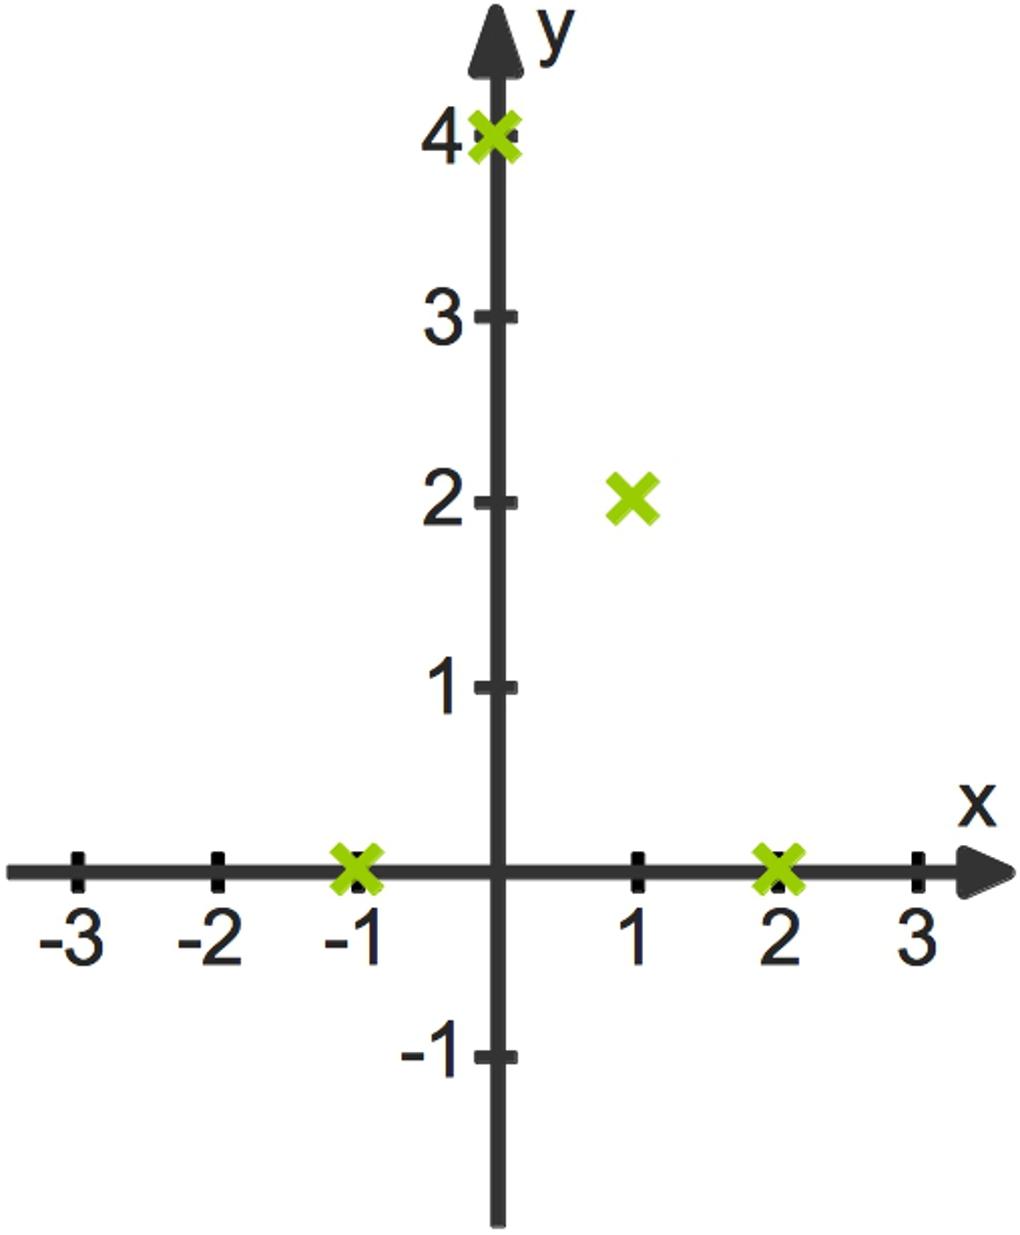 1041_x_3-4x_2_4_3.jpg